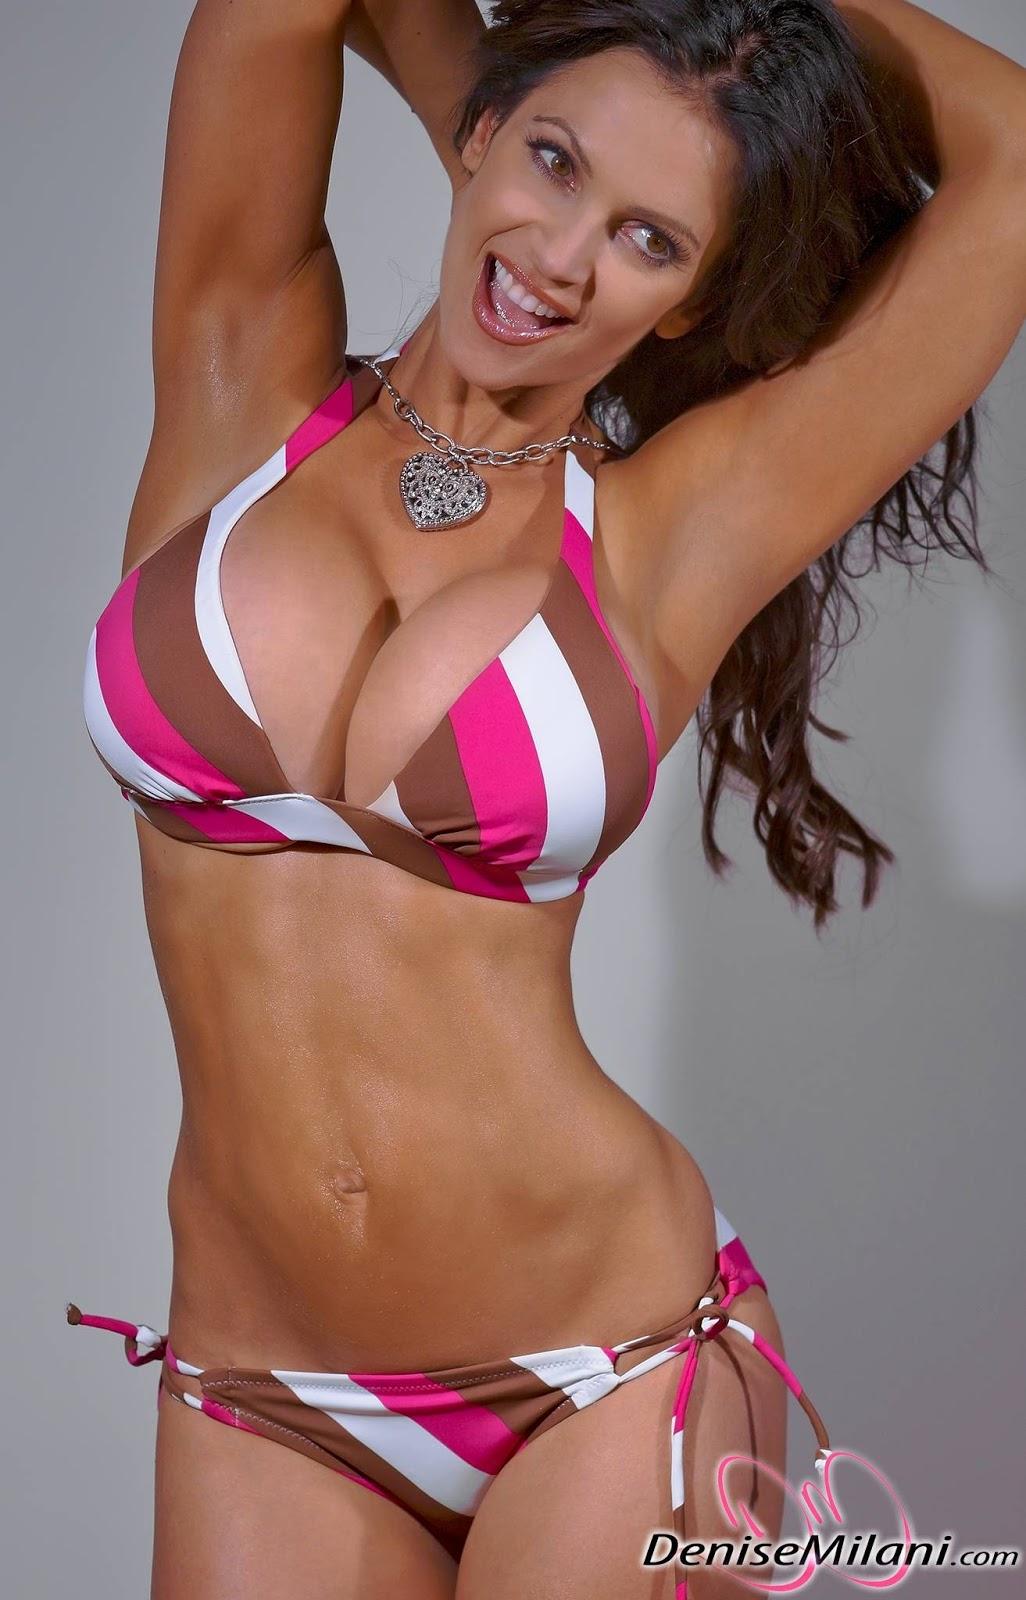 Denise Milani Archives: New Bikini